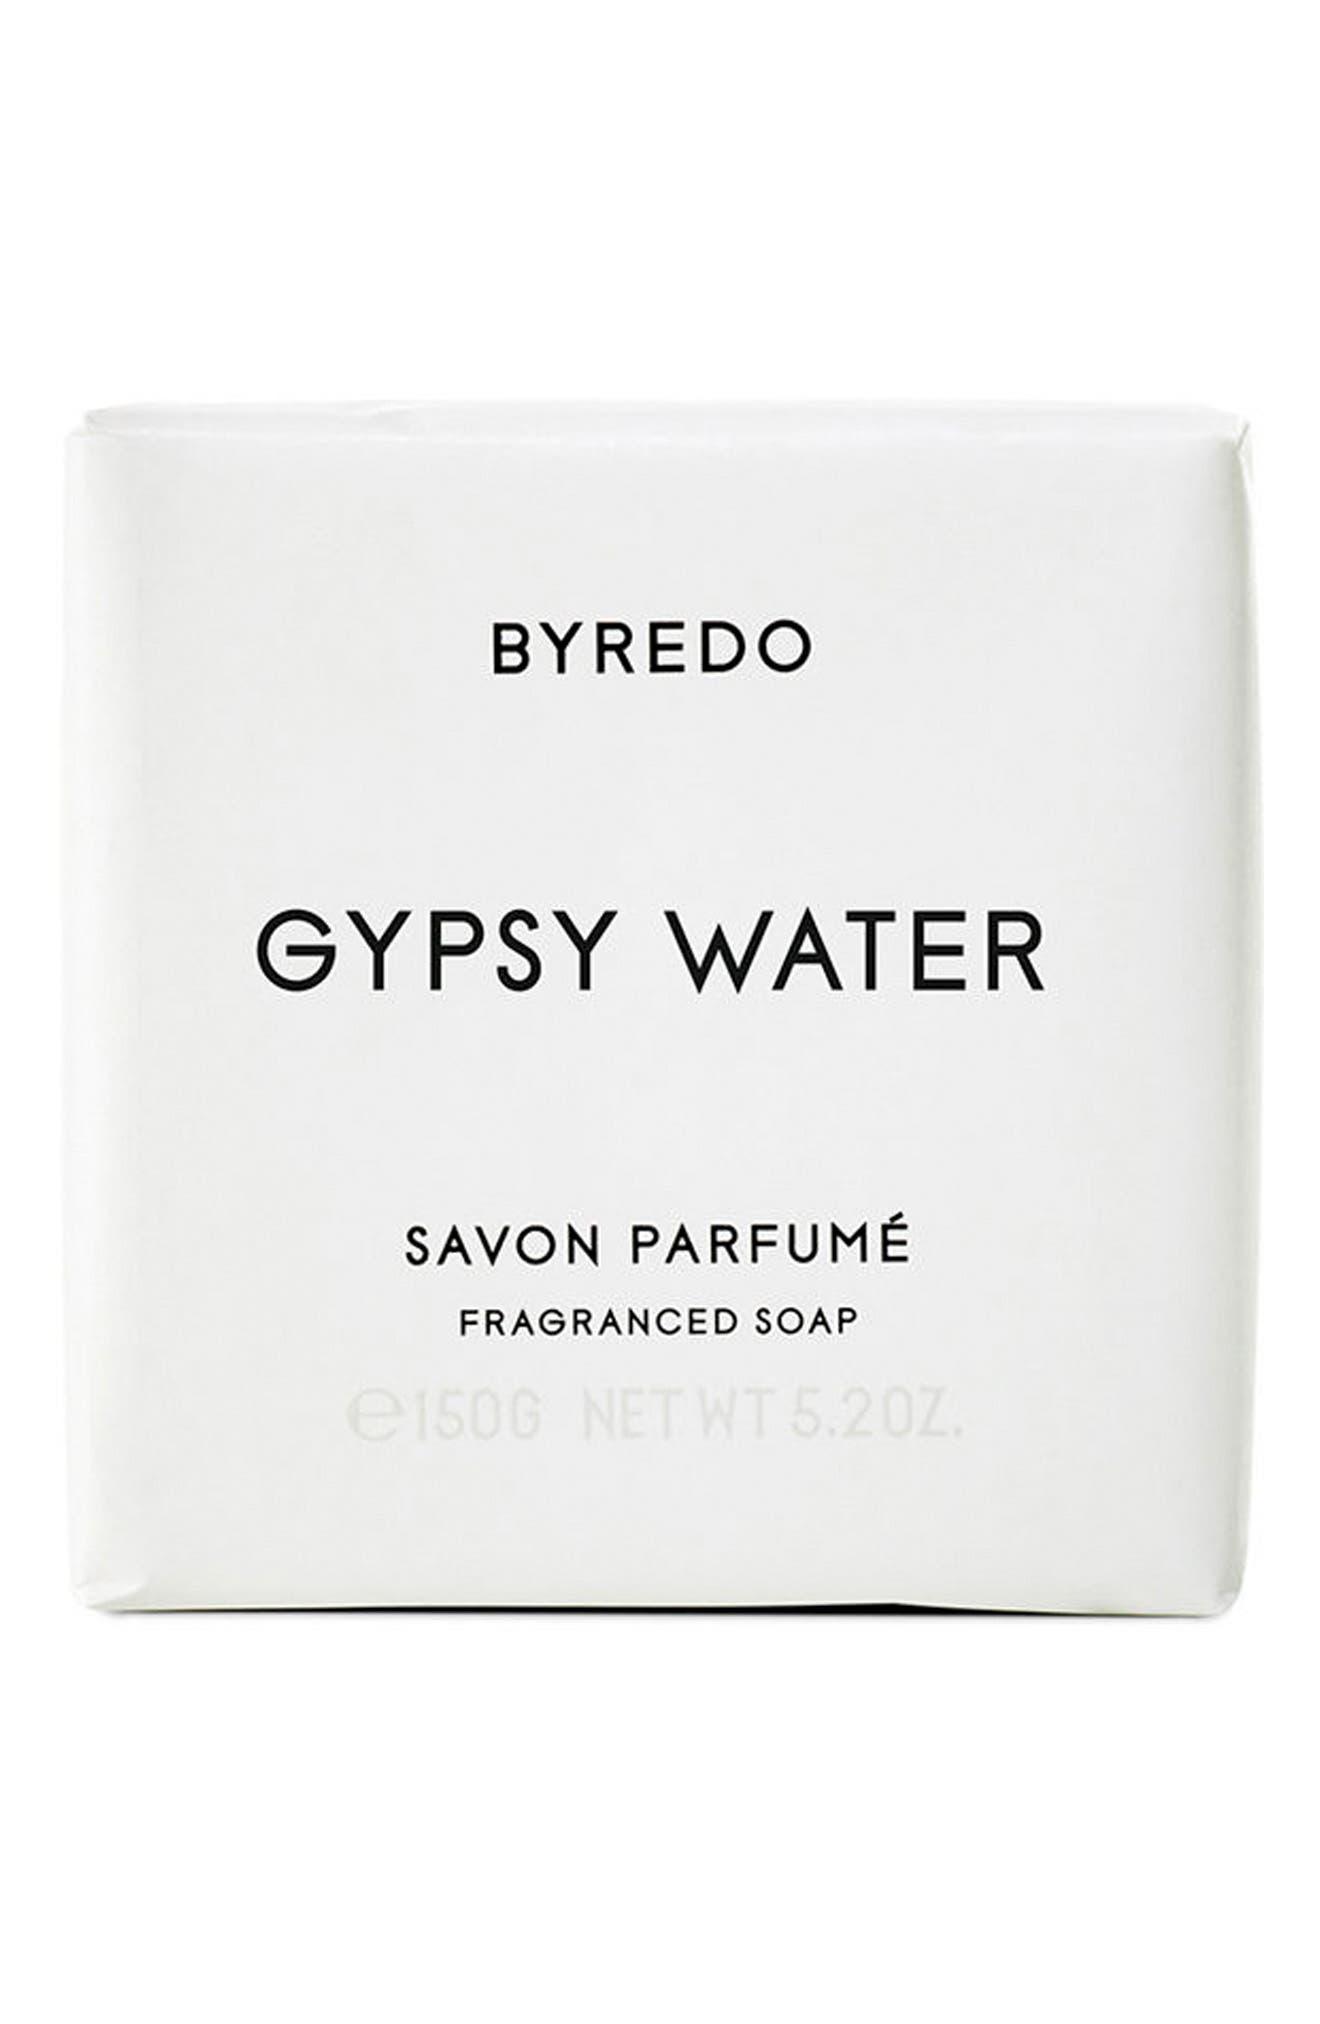 Gypsy Water Soap Bar,                             Main thumbnail 1, color,                             NO COLOR